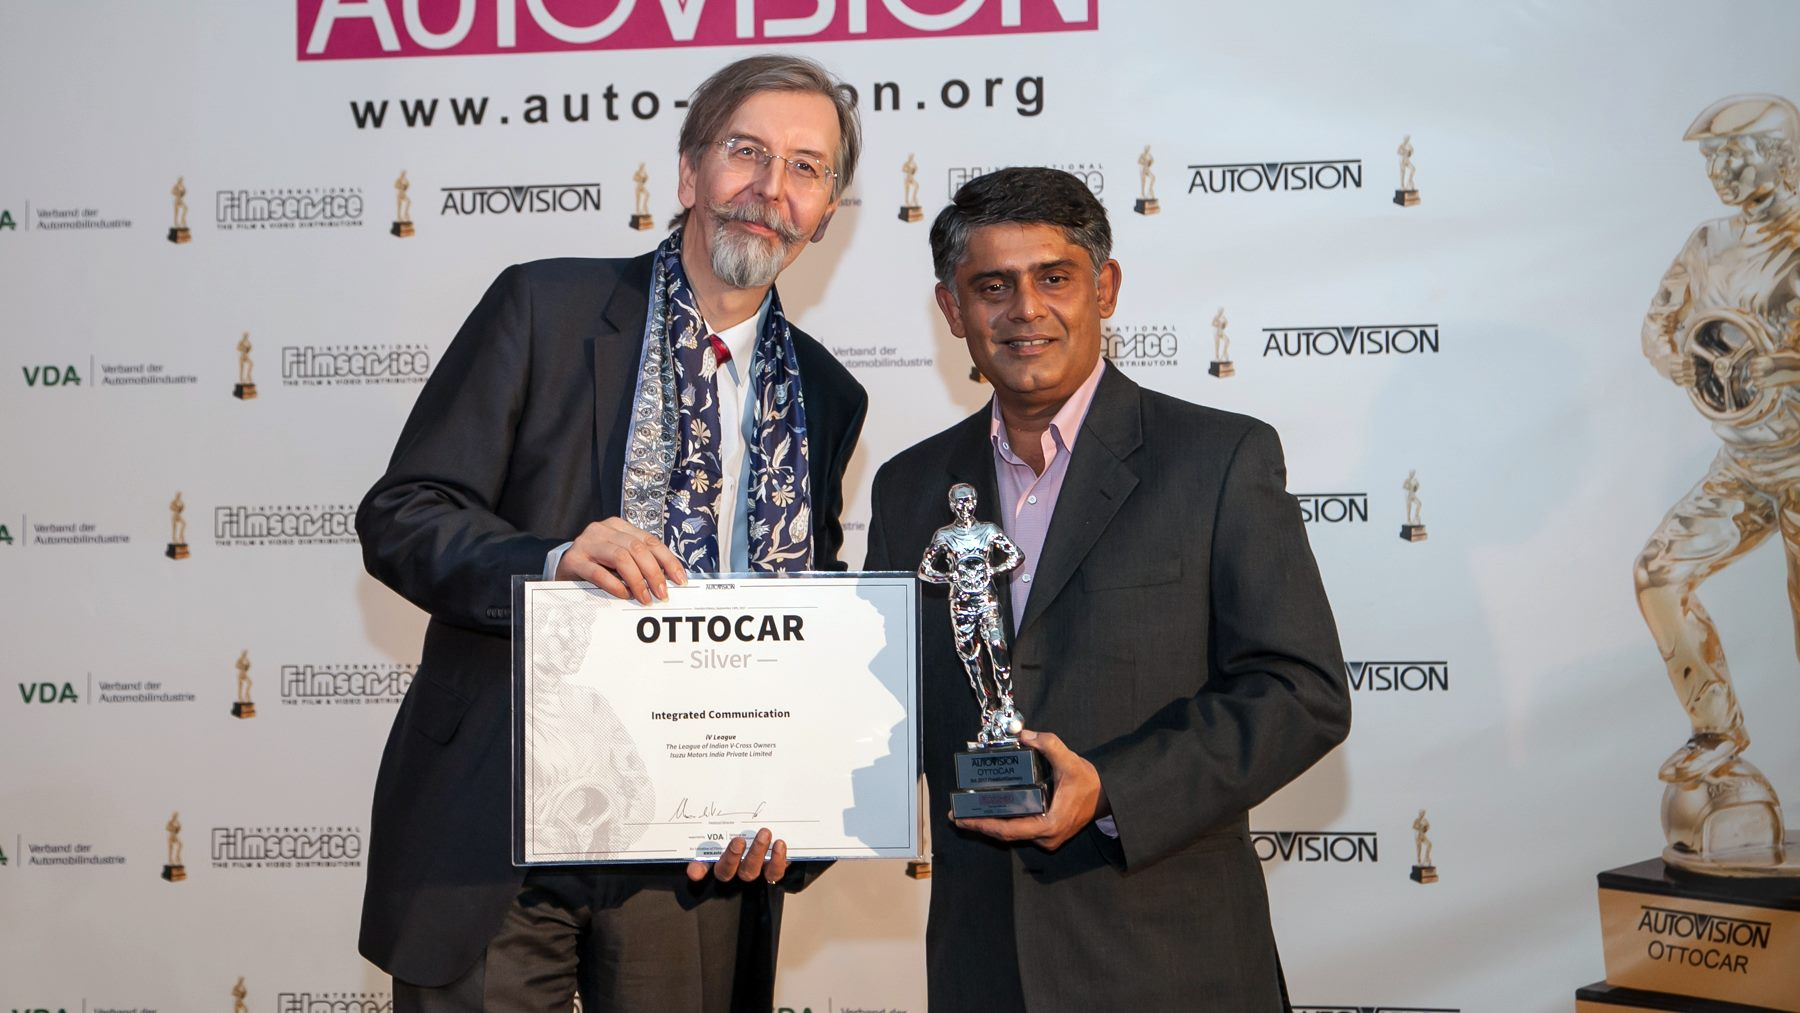 ISUZU wins Ottocar Silver Award